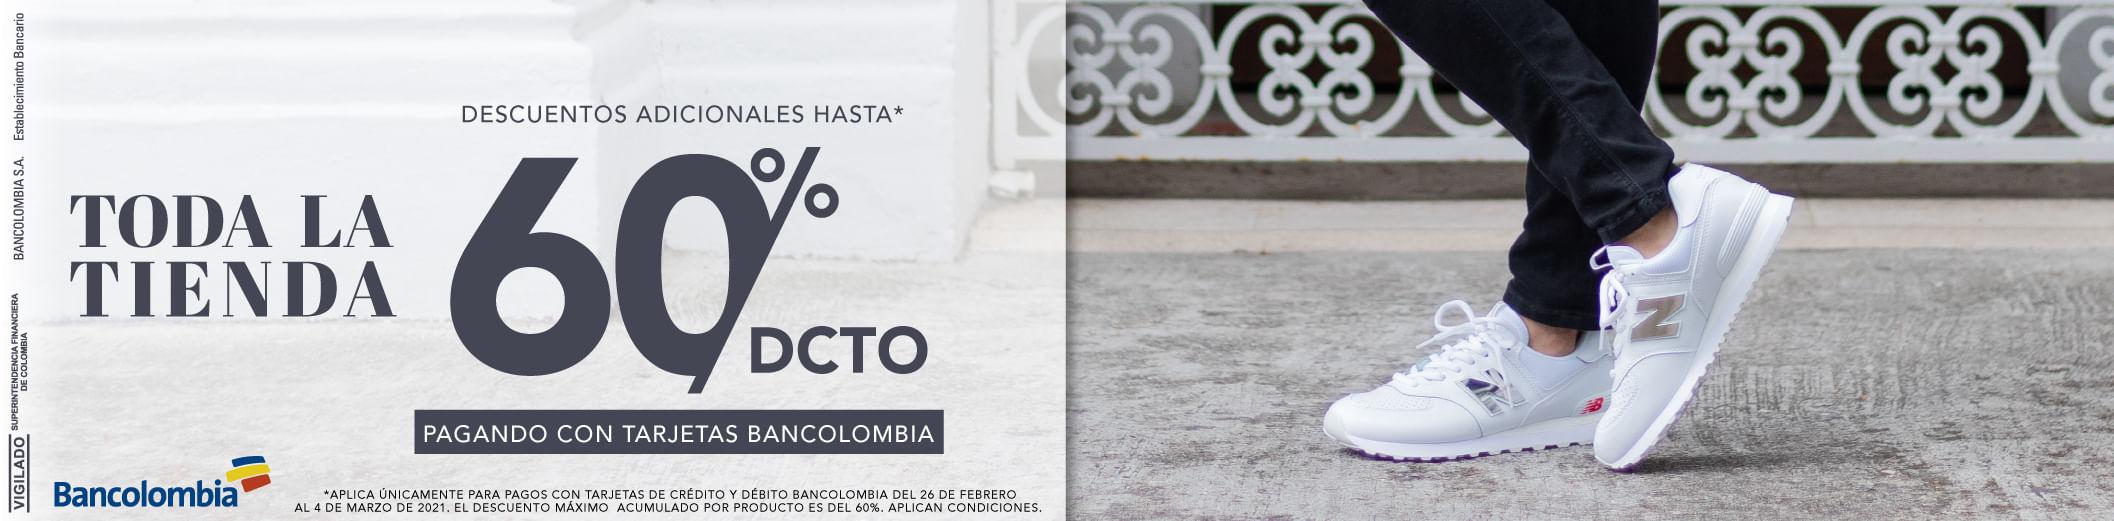 Descuentos Pagando Con Tarjetas Bancolombia